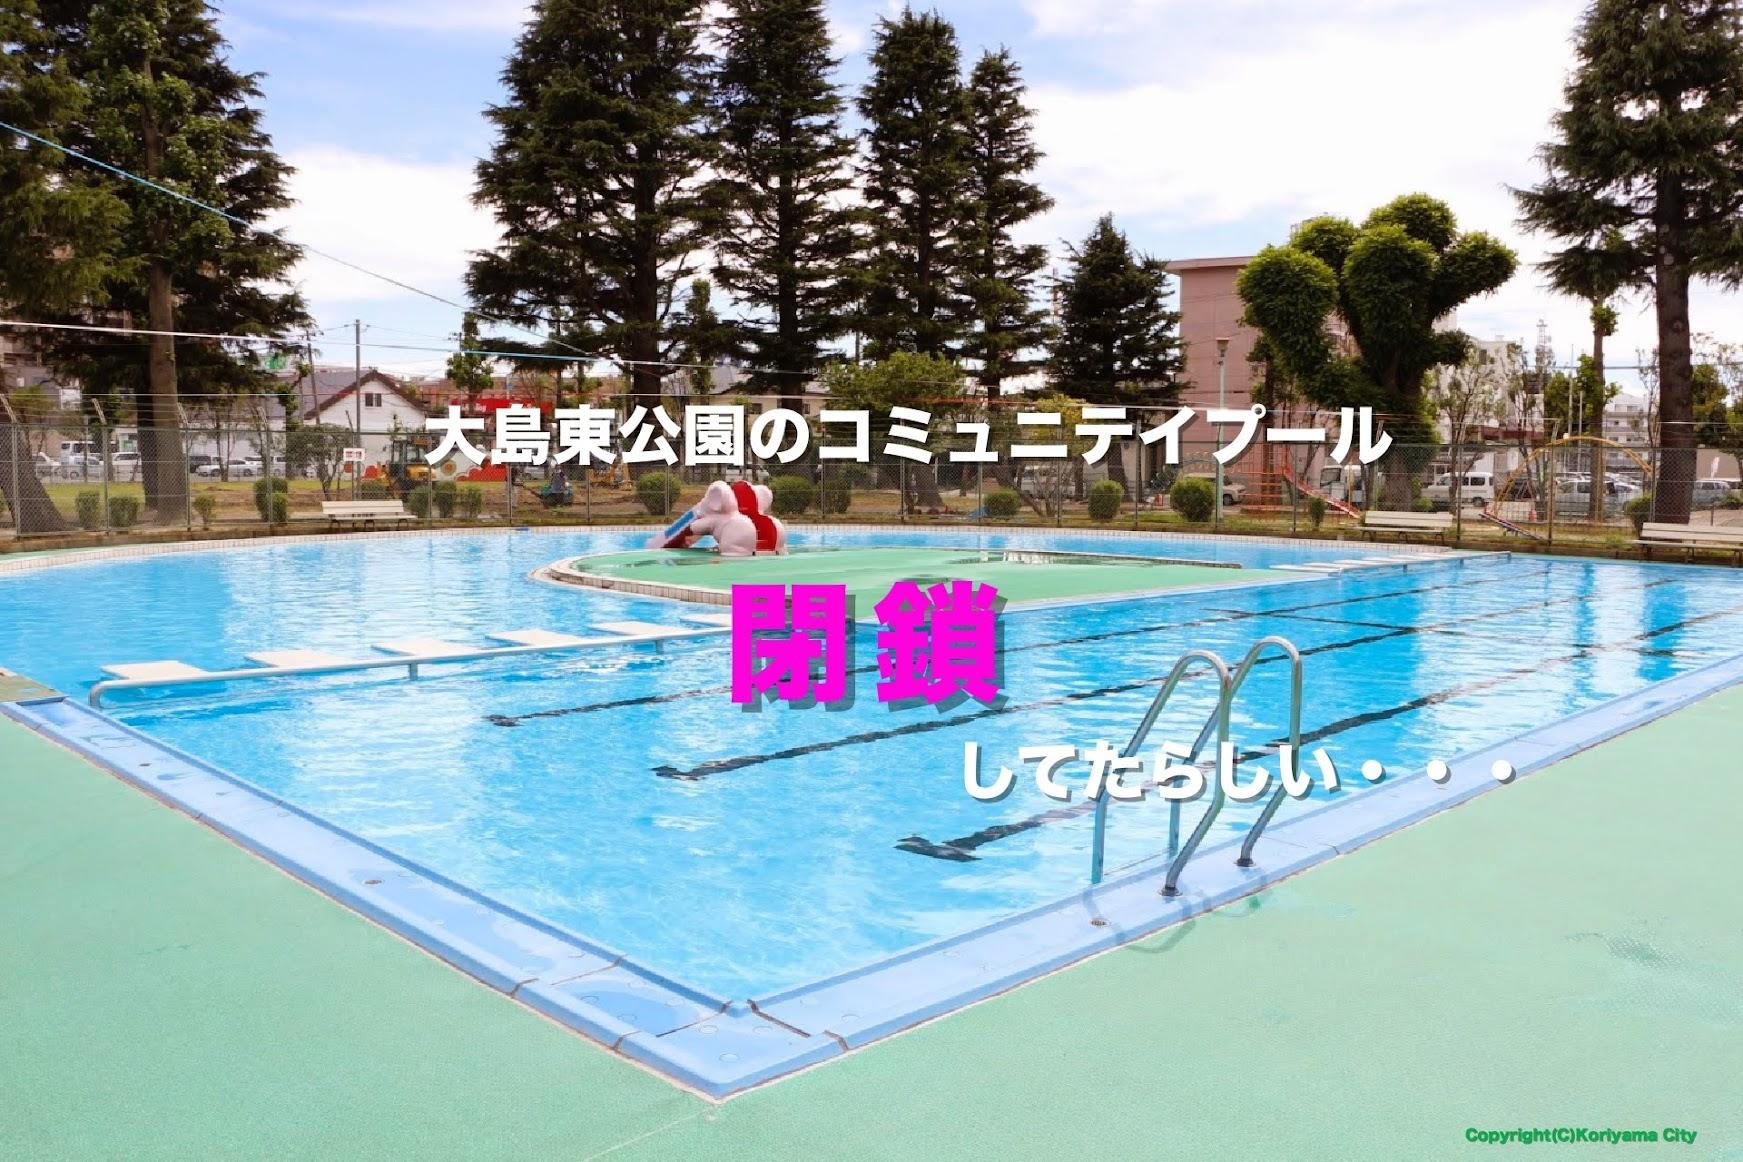 大島東公園 コミュニティプール 閉鎖してた | 水遊び ができる場所